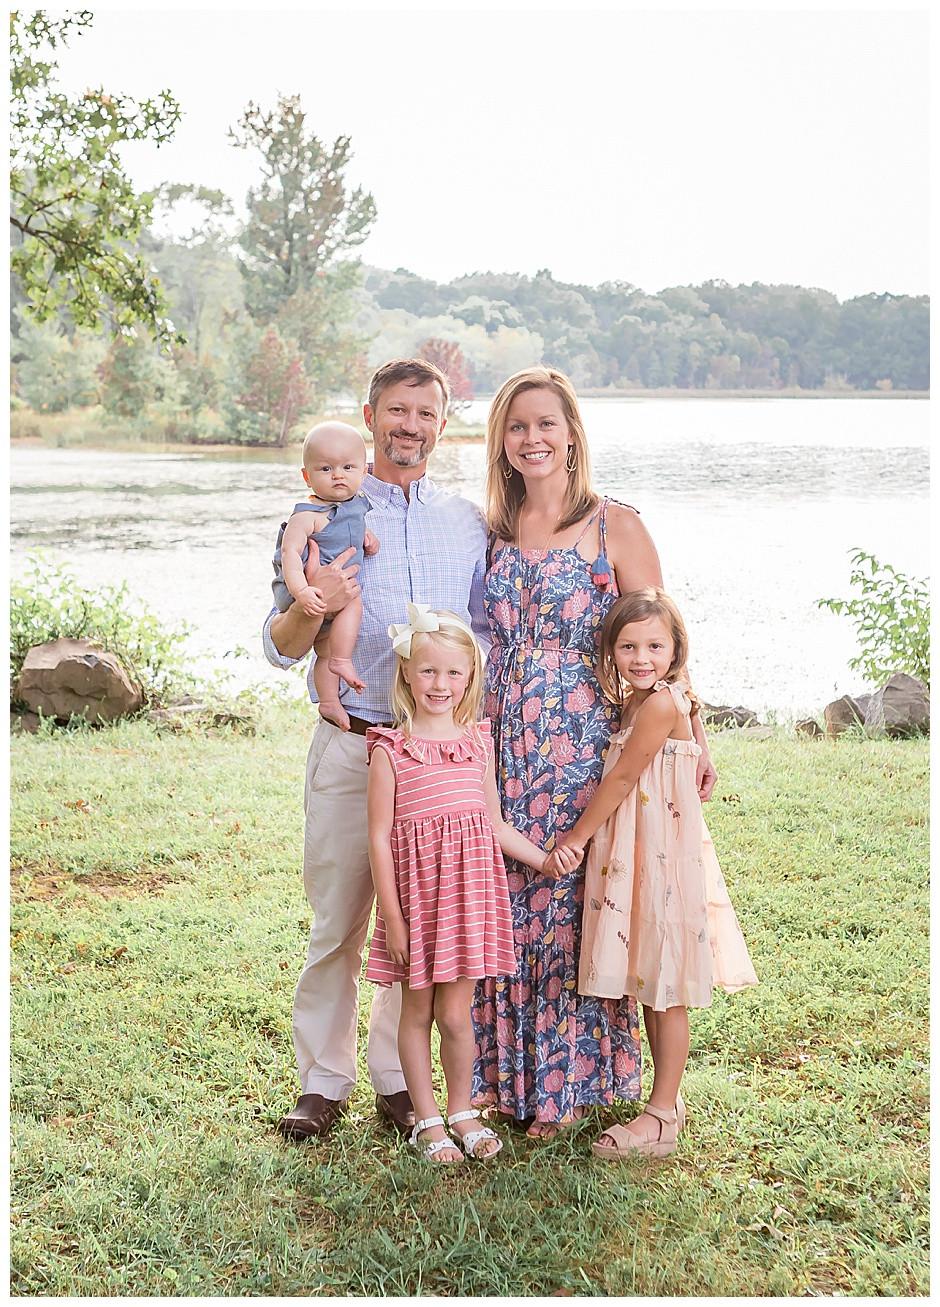 family photographer Chattanooga, newborn photographer Chattanooga